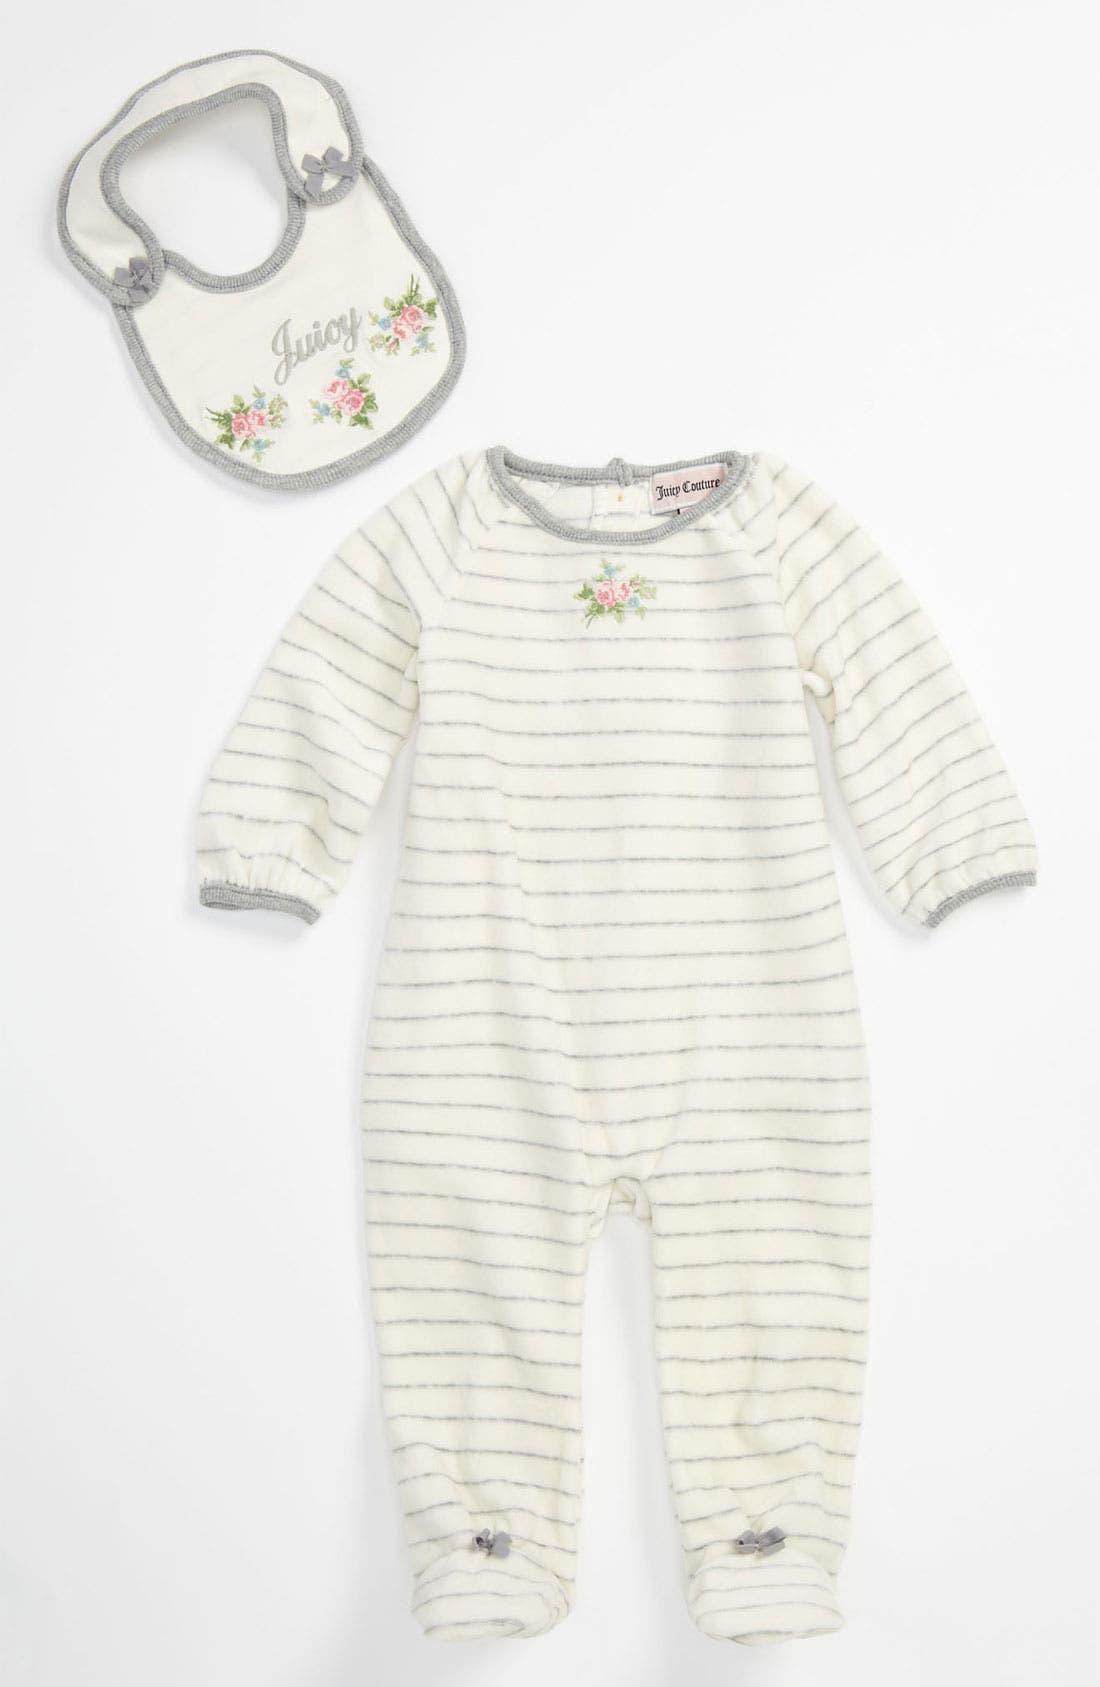 Main Image - Juicy Couture Velour Footie & Bib (Infant)